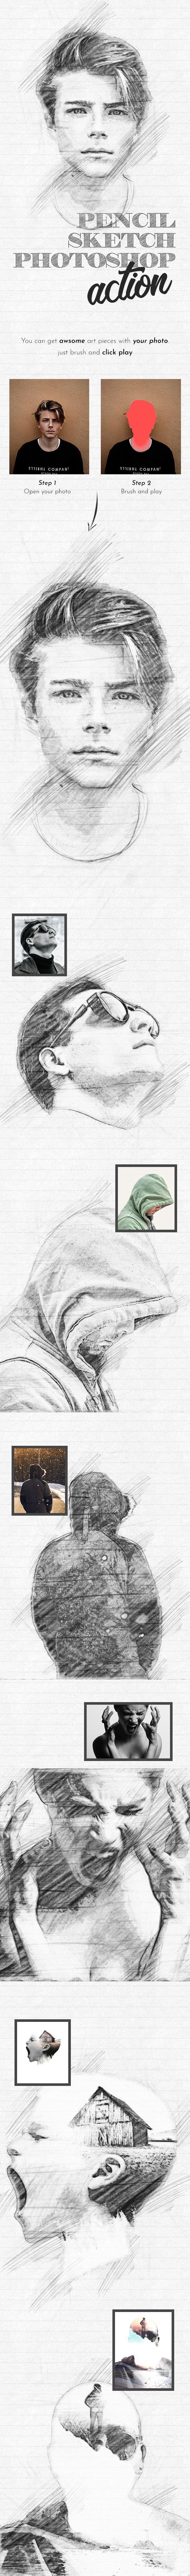 Pencil Sketch Photoshop Action 22055959